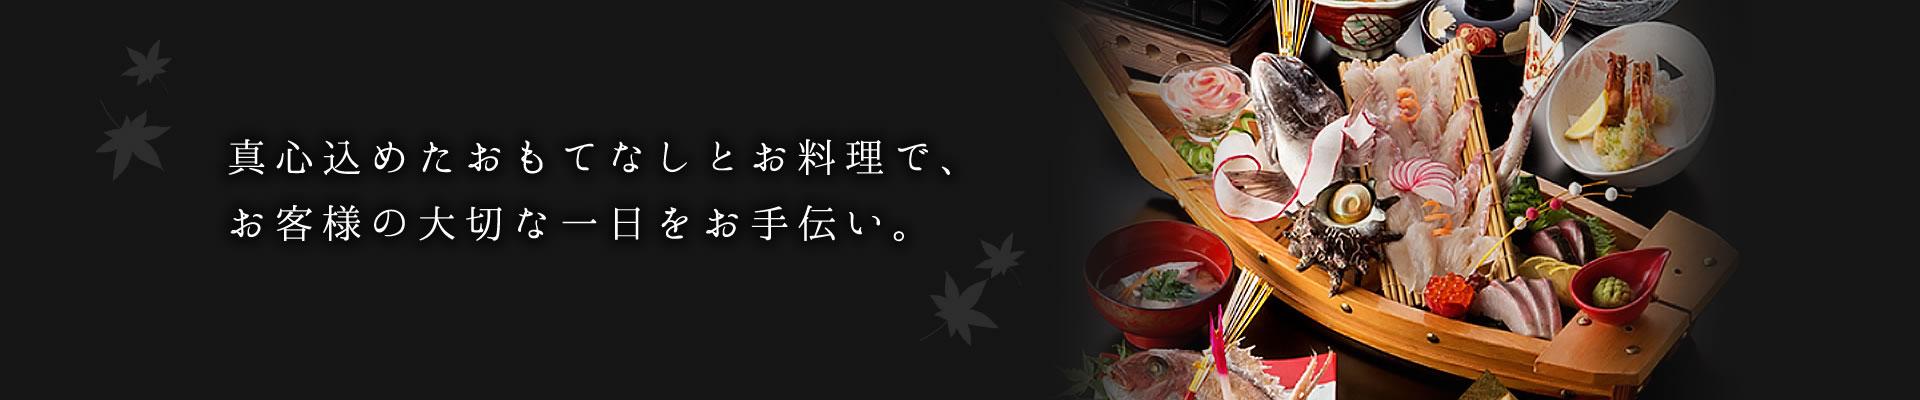 法事・お祝い | 博多久吉